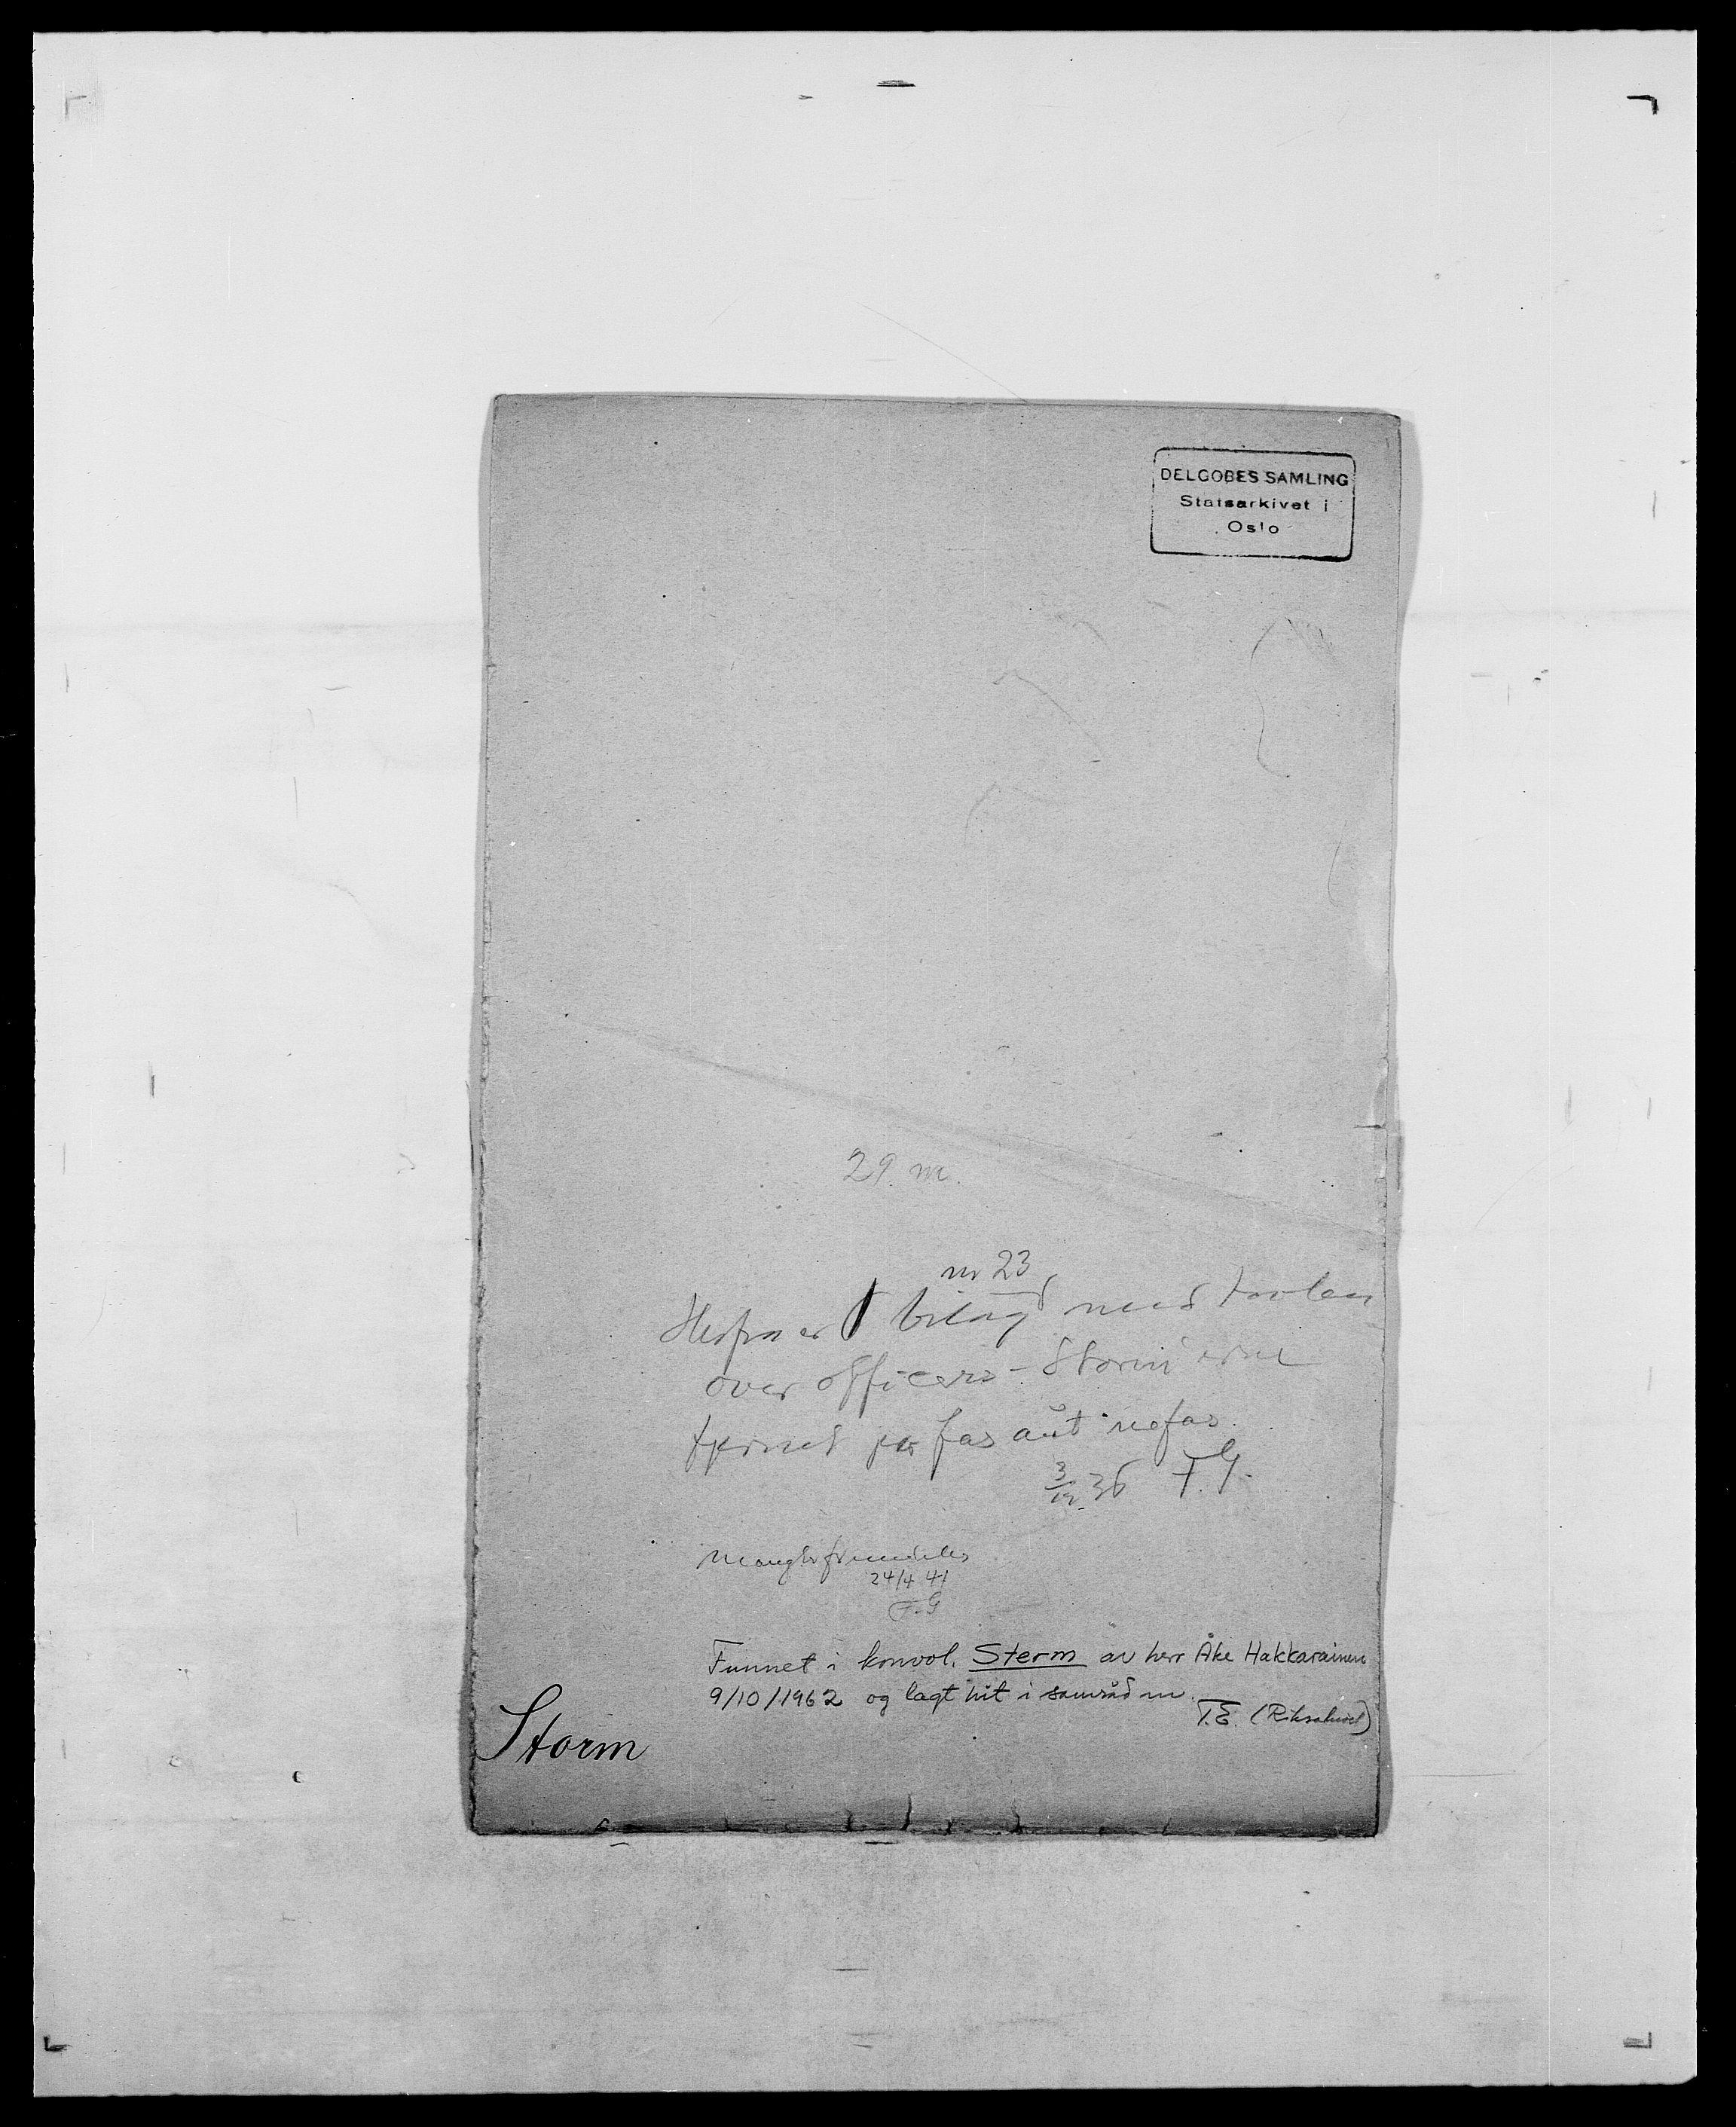 SAO, Delgobe, Charles Antoine - samling, D/Da/L0037: Steen, Sthen, Stein - Svare, Svanige, Svanne, se også Svanning og Schwane, s. 478